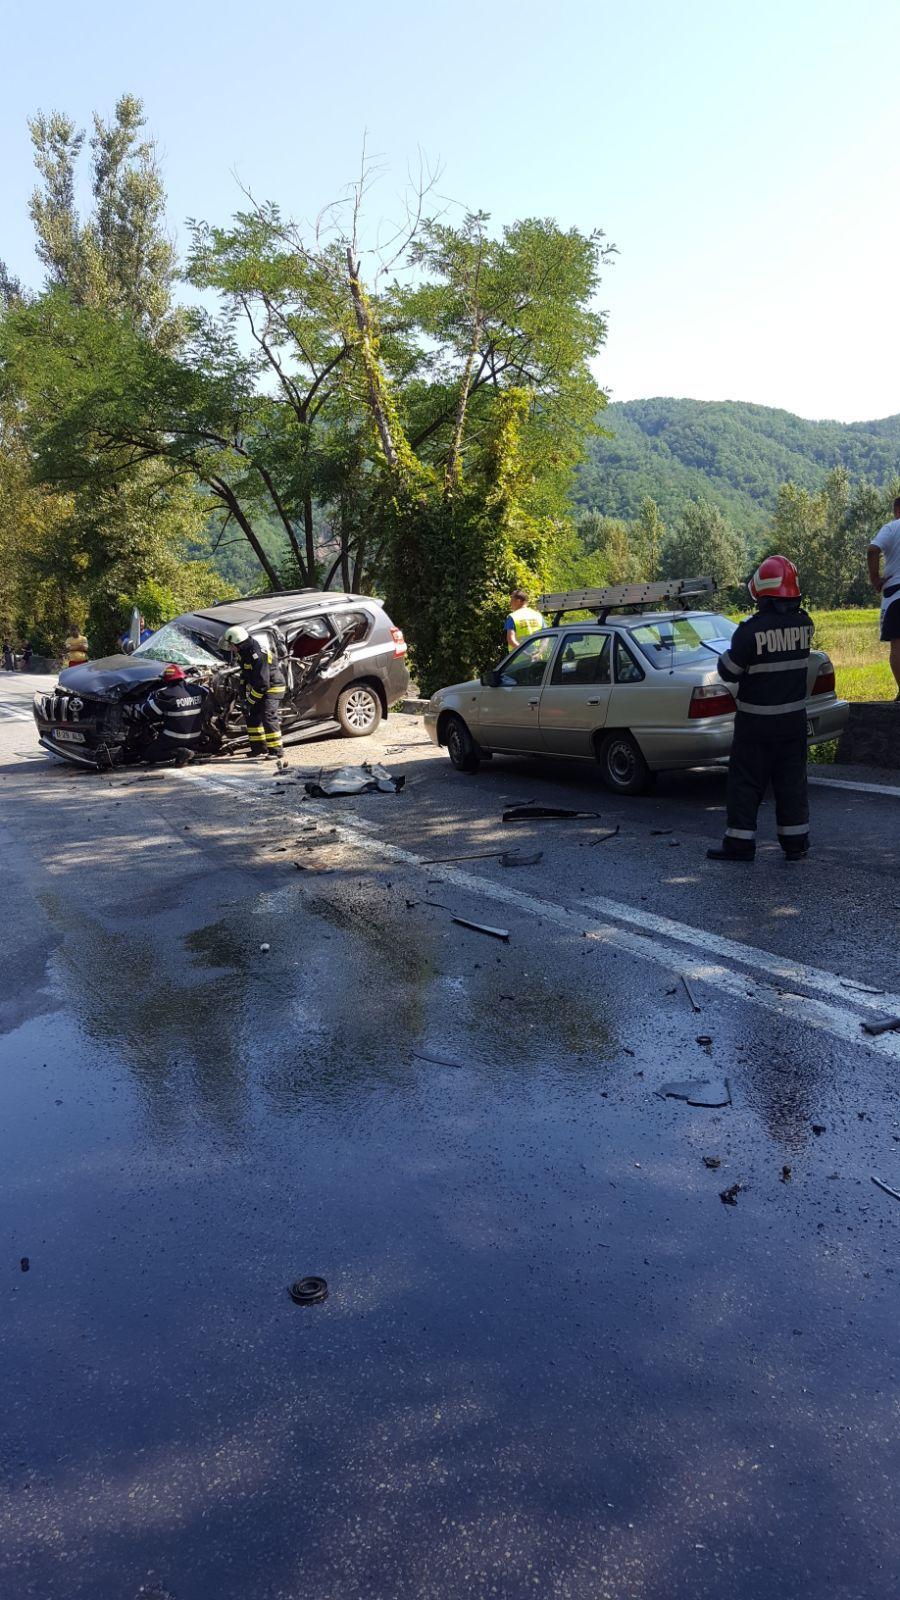 FOTO   Şase persoane rănite pe DN 7, în urma impactului dintre un TIR şi trei maşini